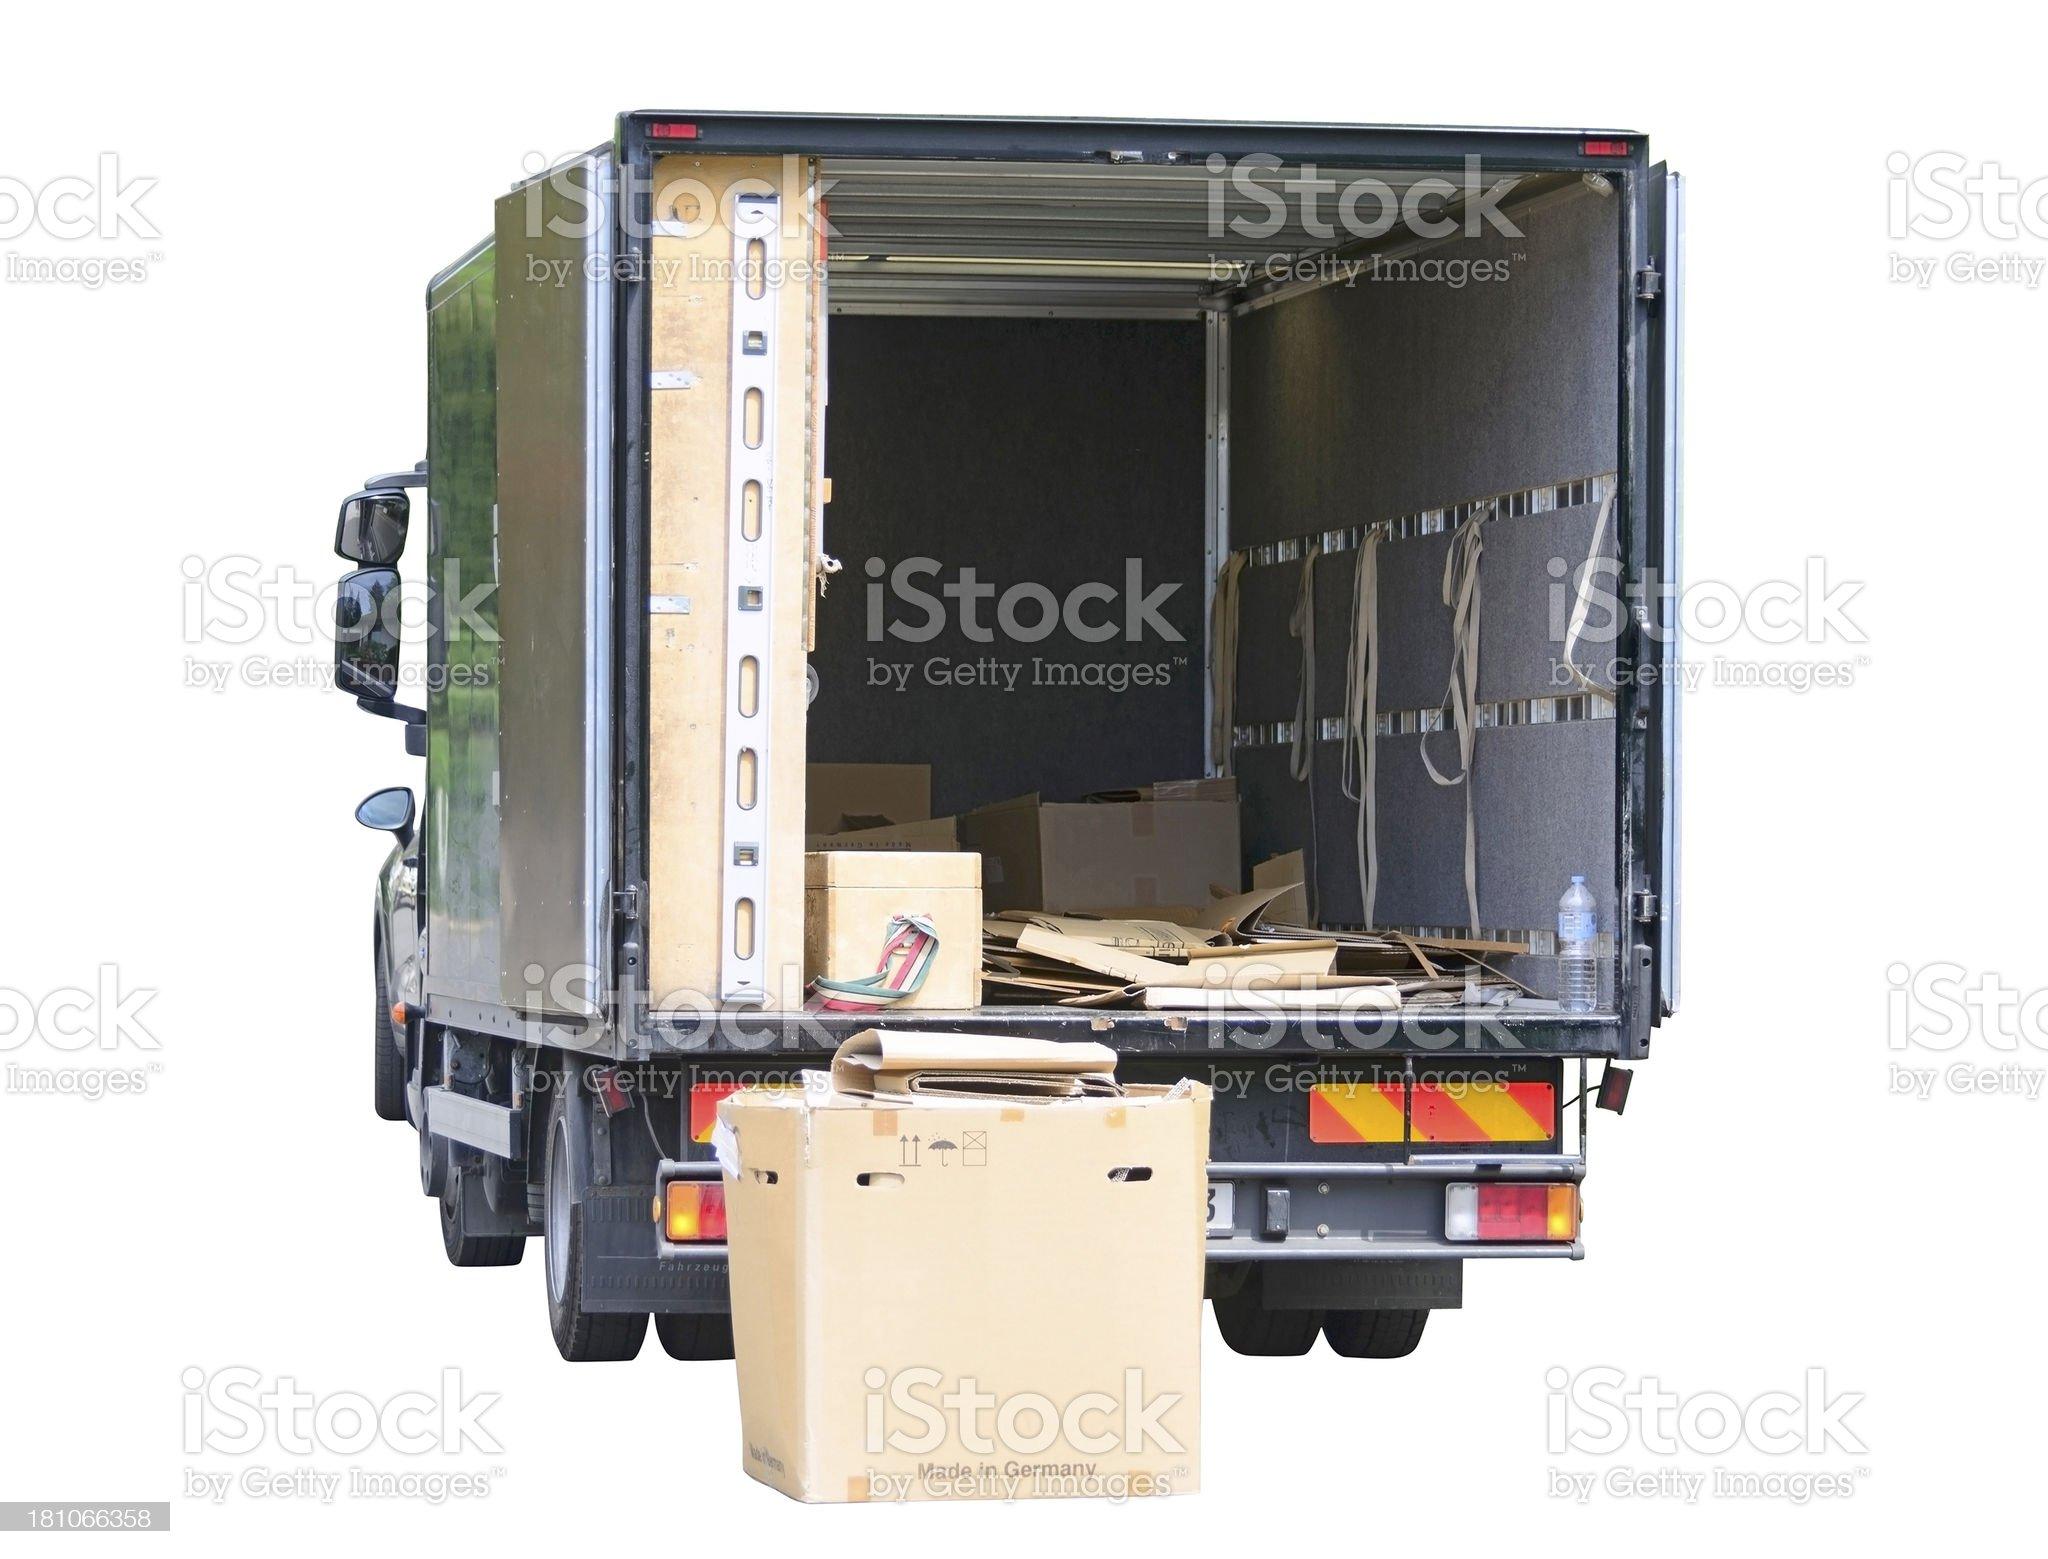 moving house float - Umzugswagen royalty-free stock photo